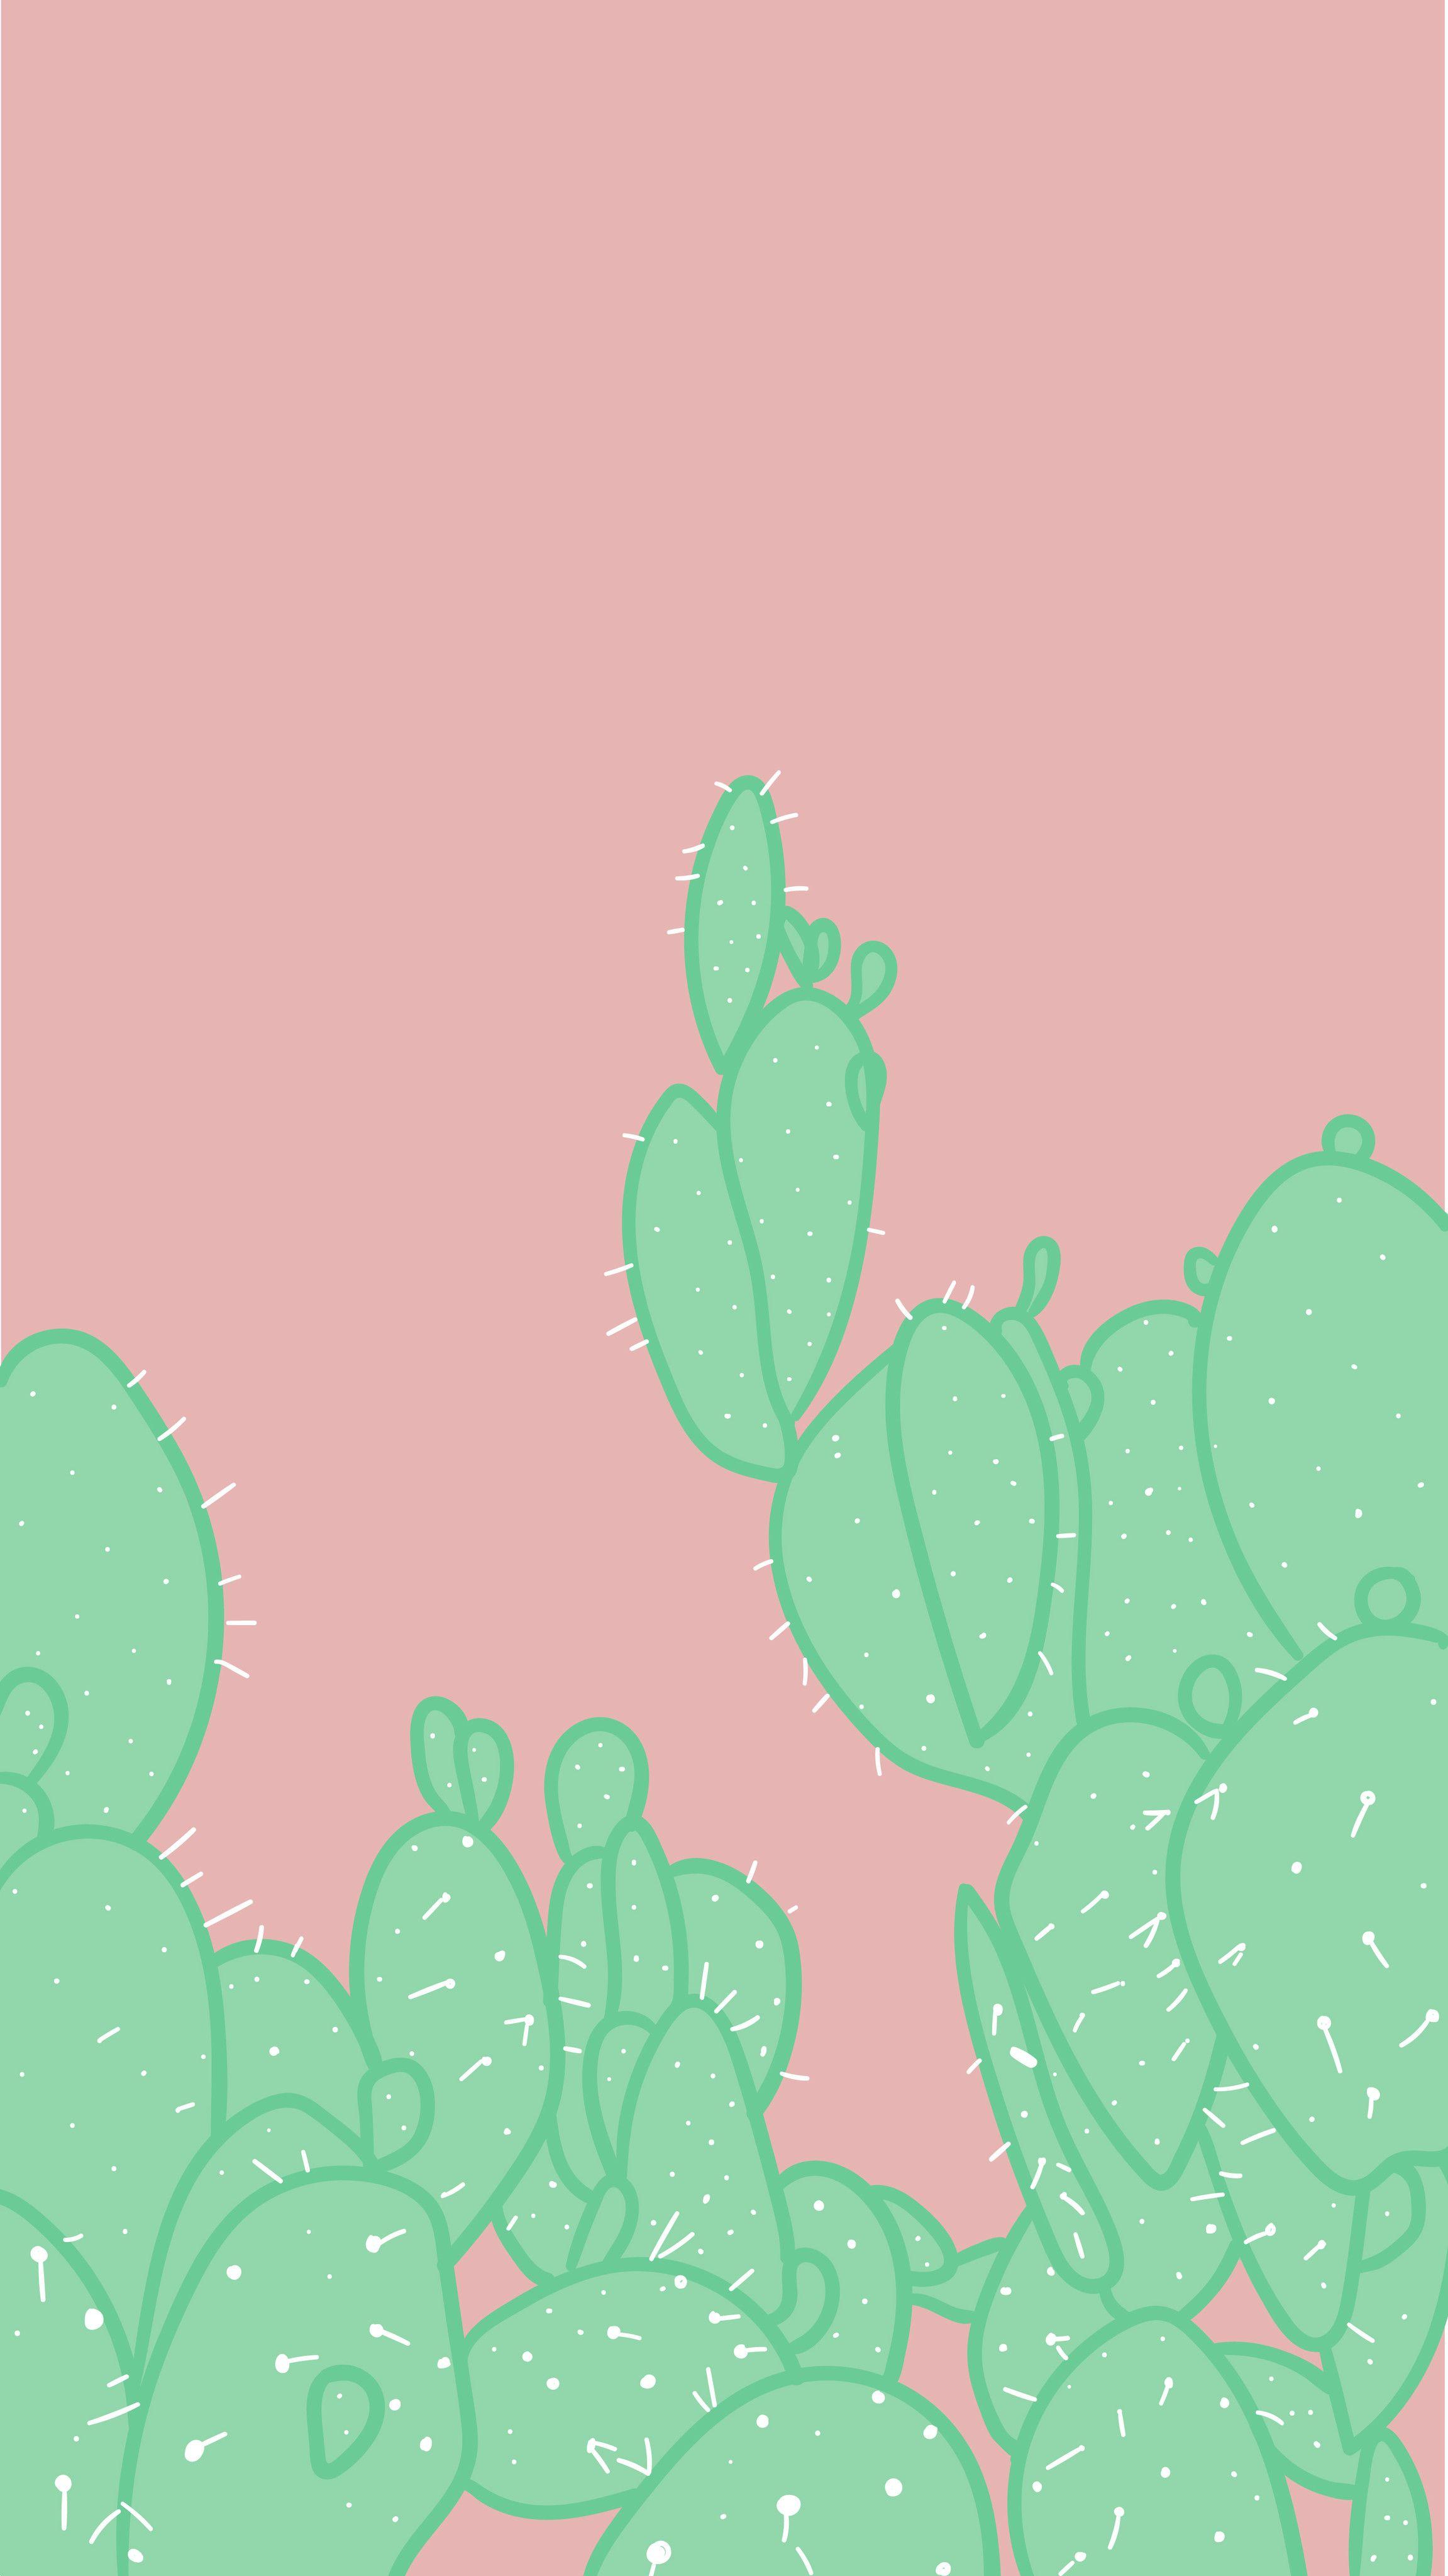 Arvowear Arvo Phonebackground Wallpaper Background Cactus Green Pink Prickly Iphone Wallpaper Pattern Pastel Background Wallpapers Cactus Backgrounds